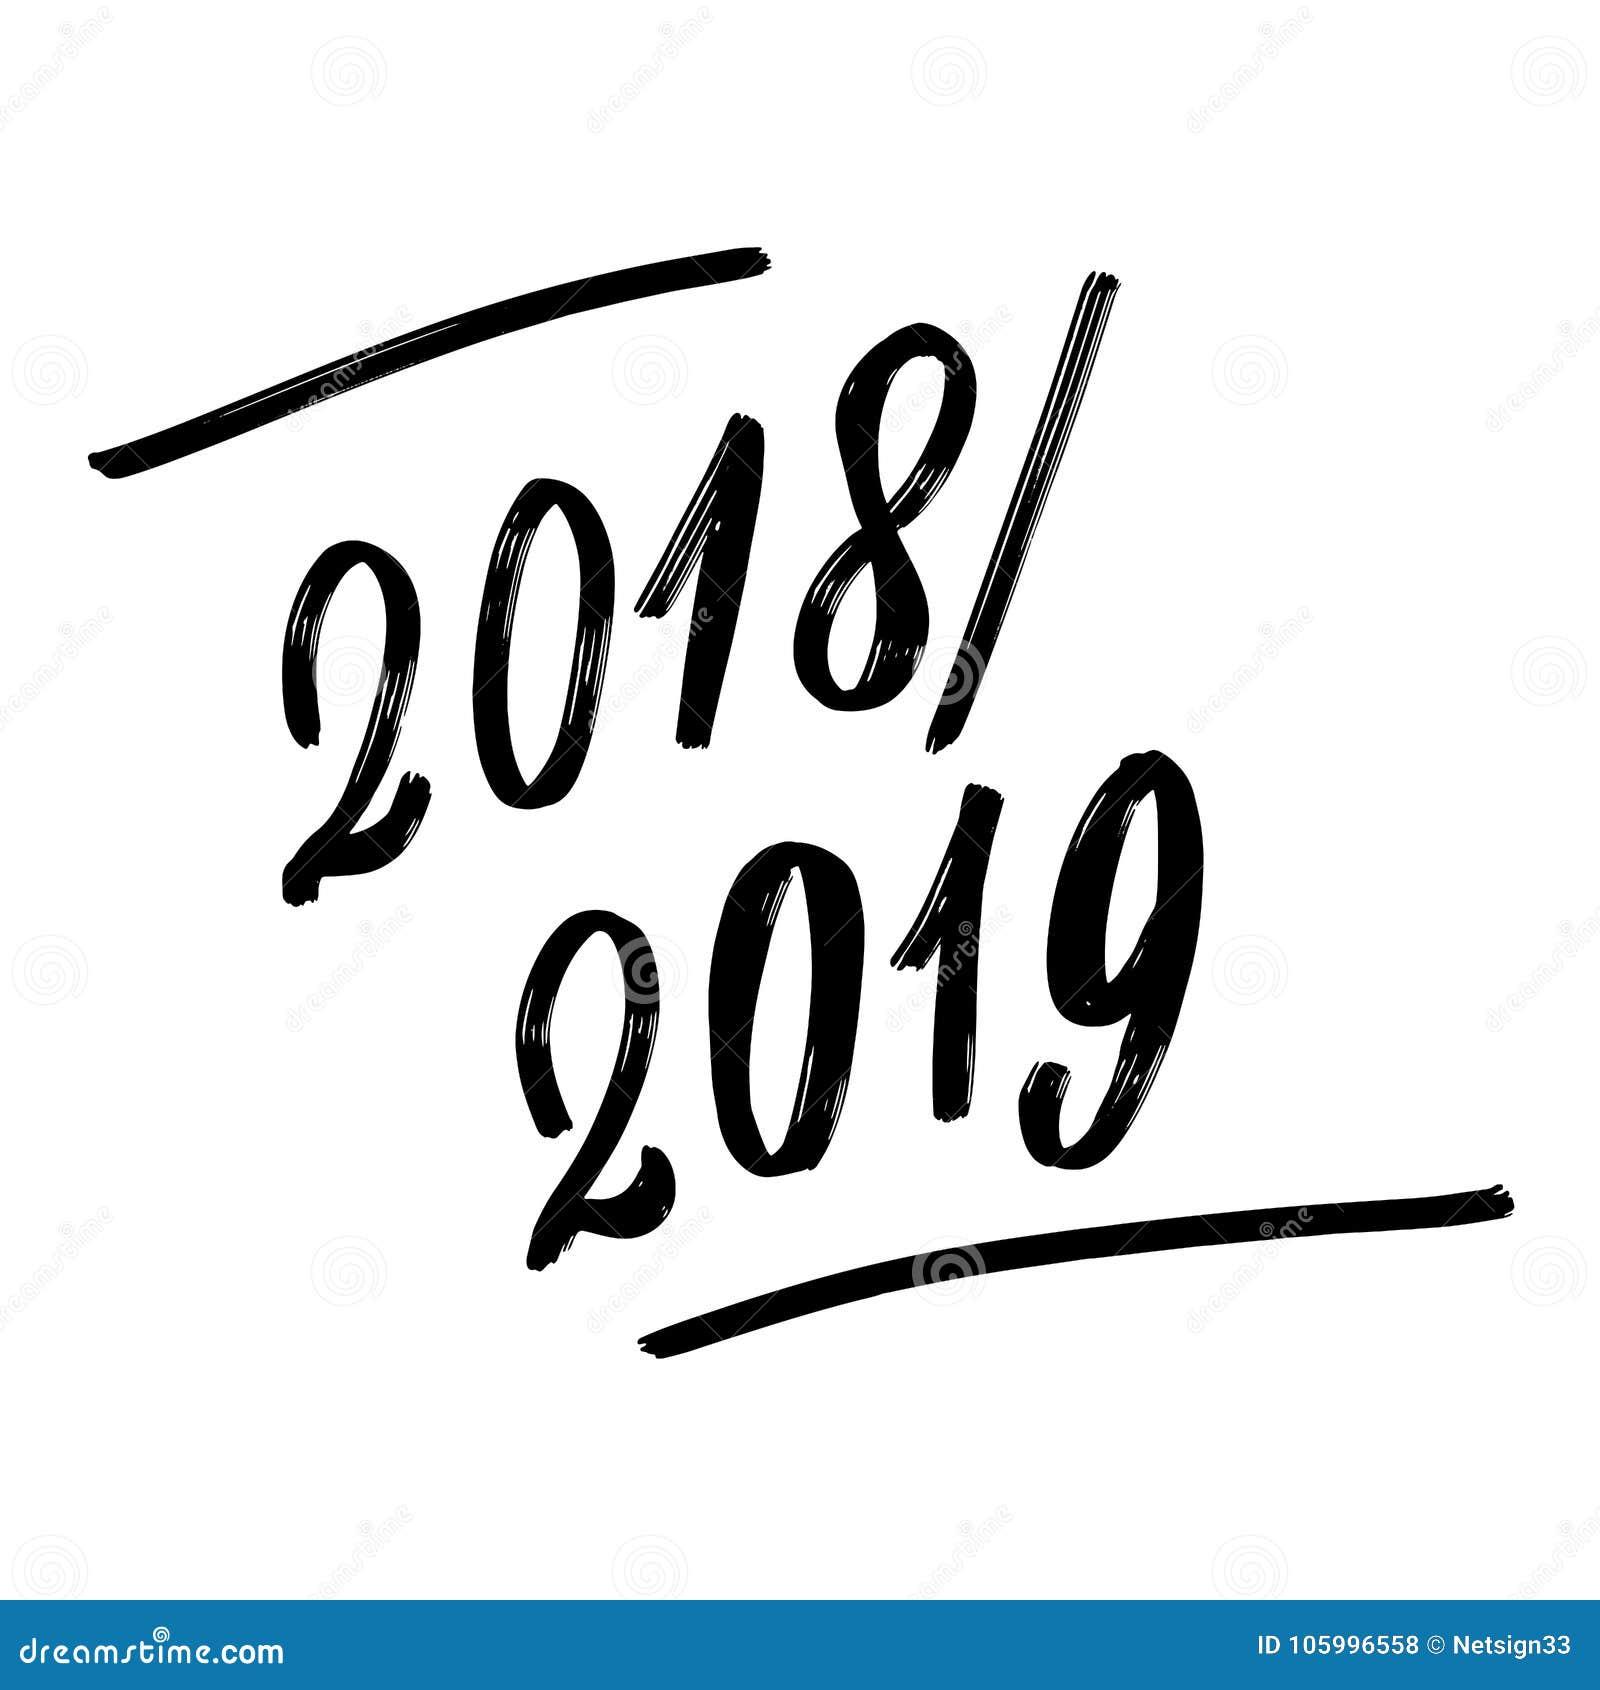 2018 2019 Escritos La Frase Poniendo Letras A Mano